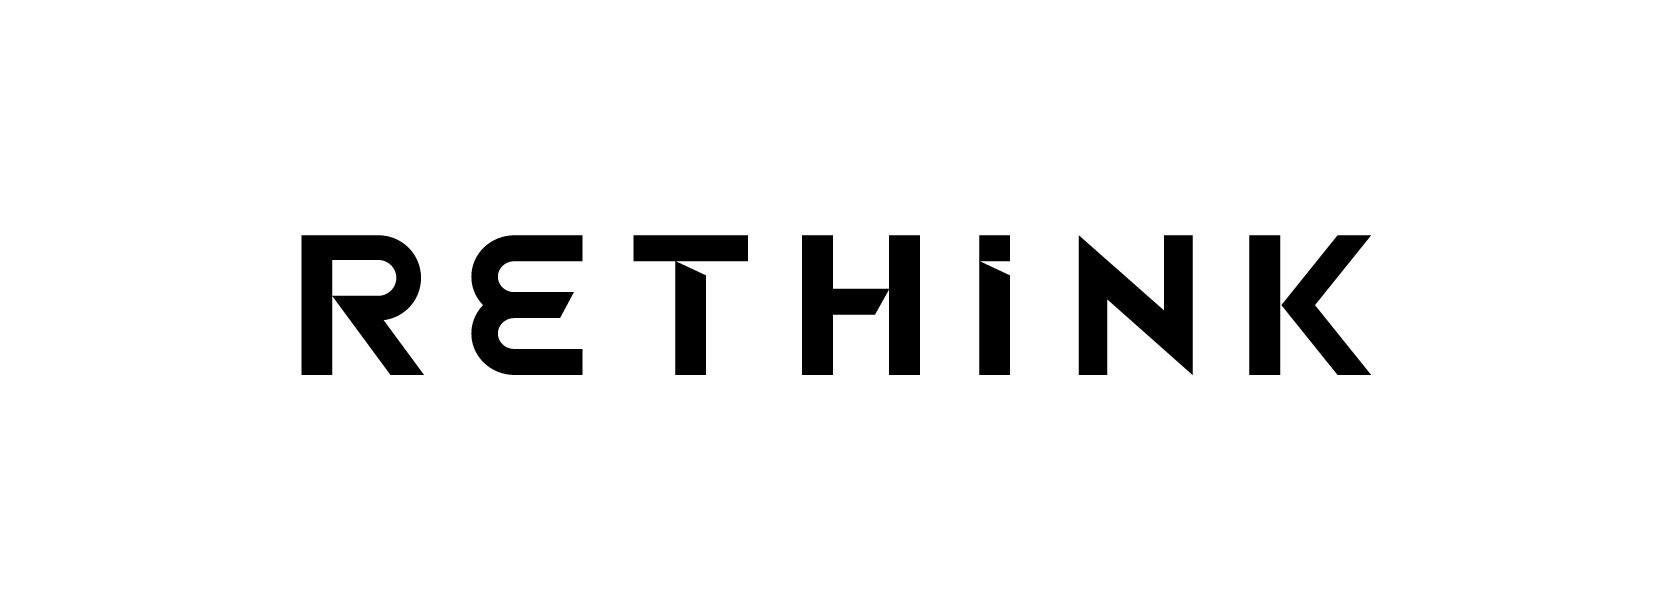 Rethink, logo